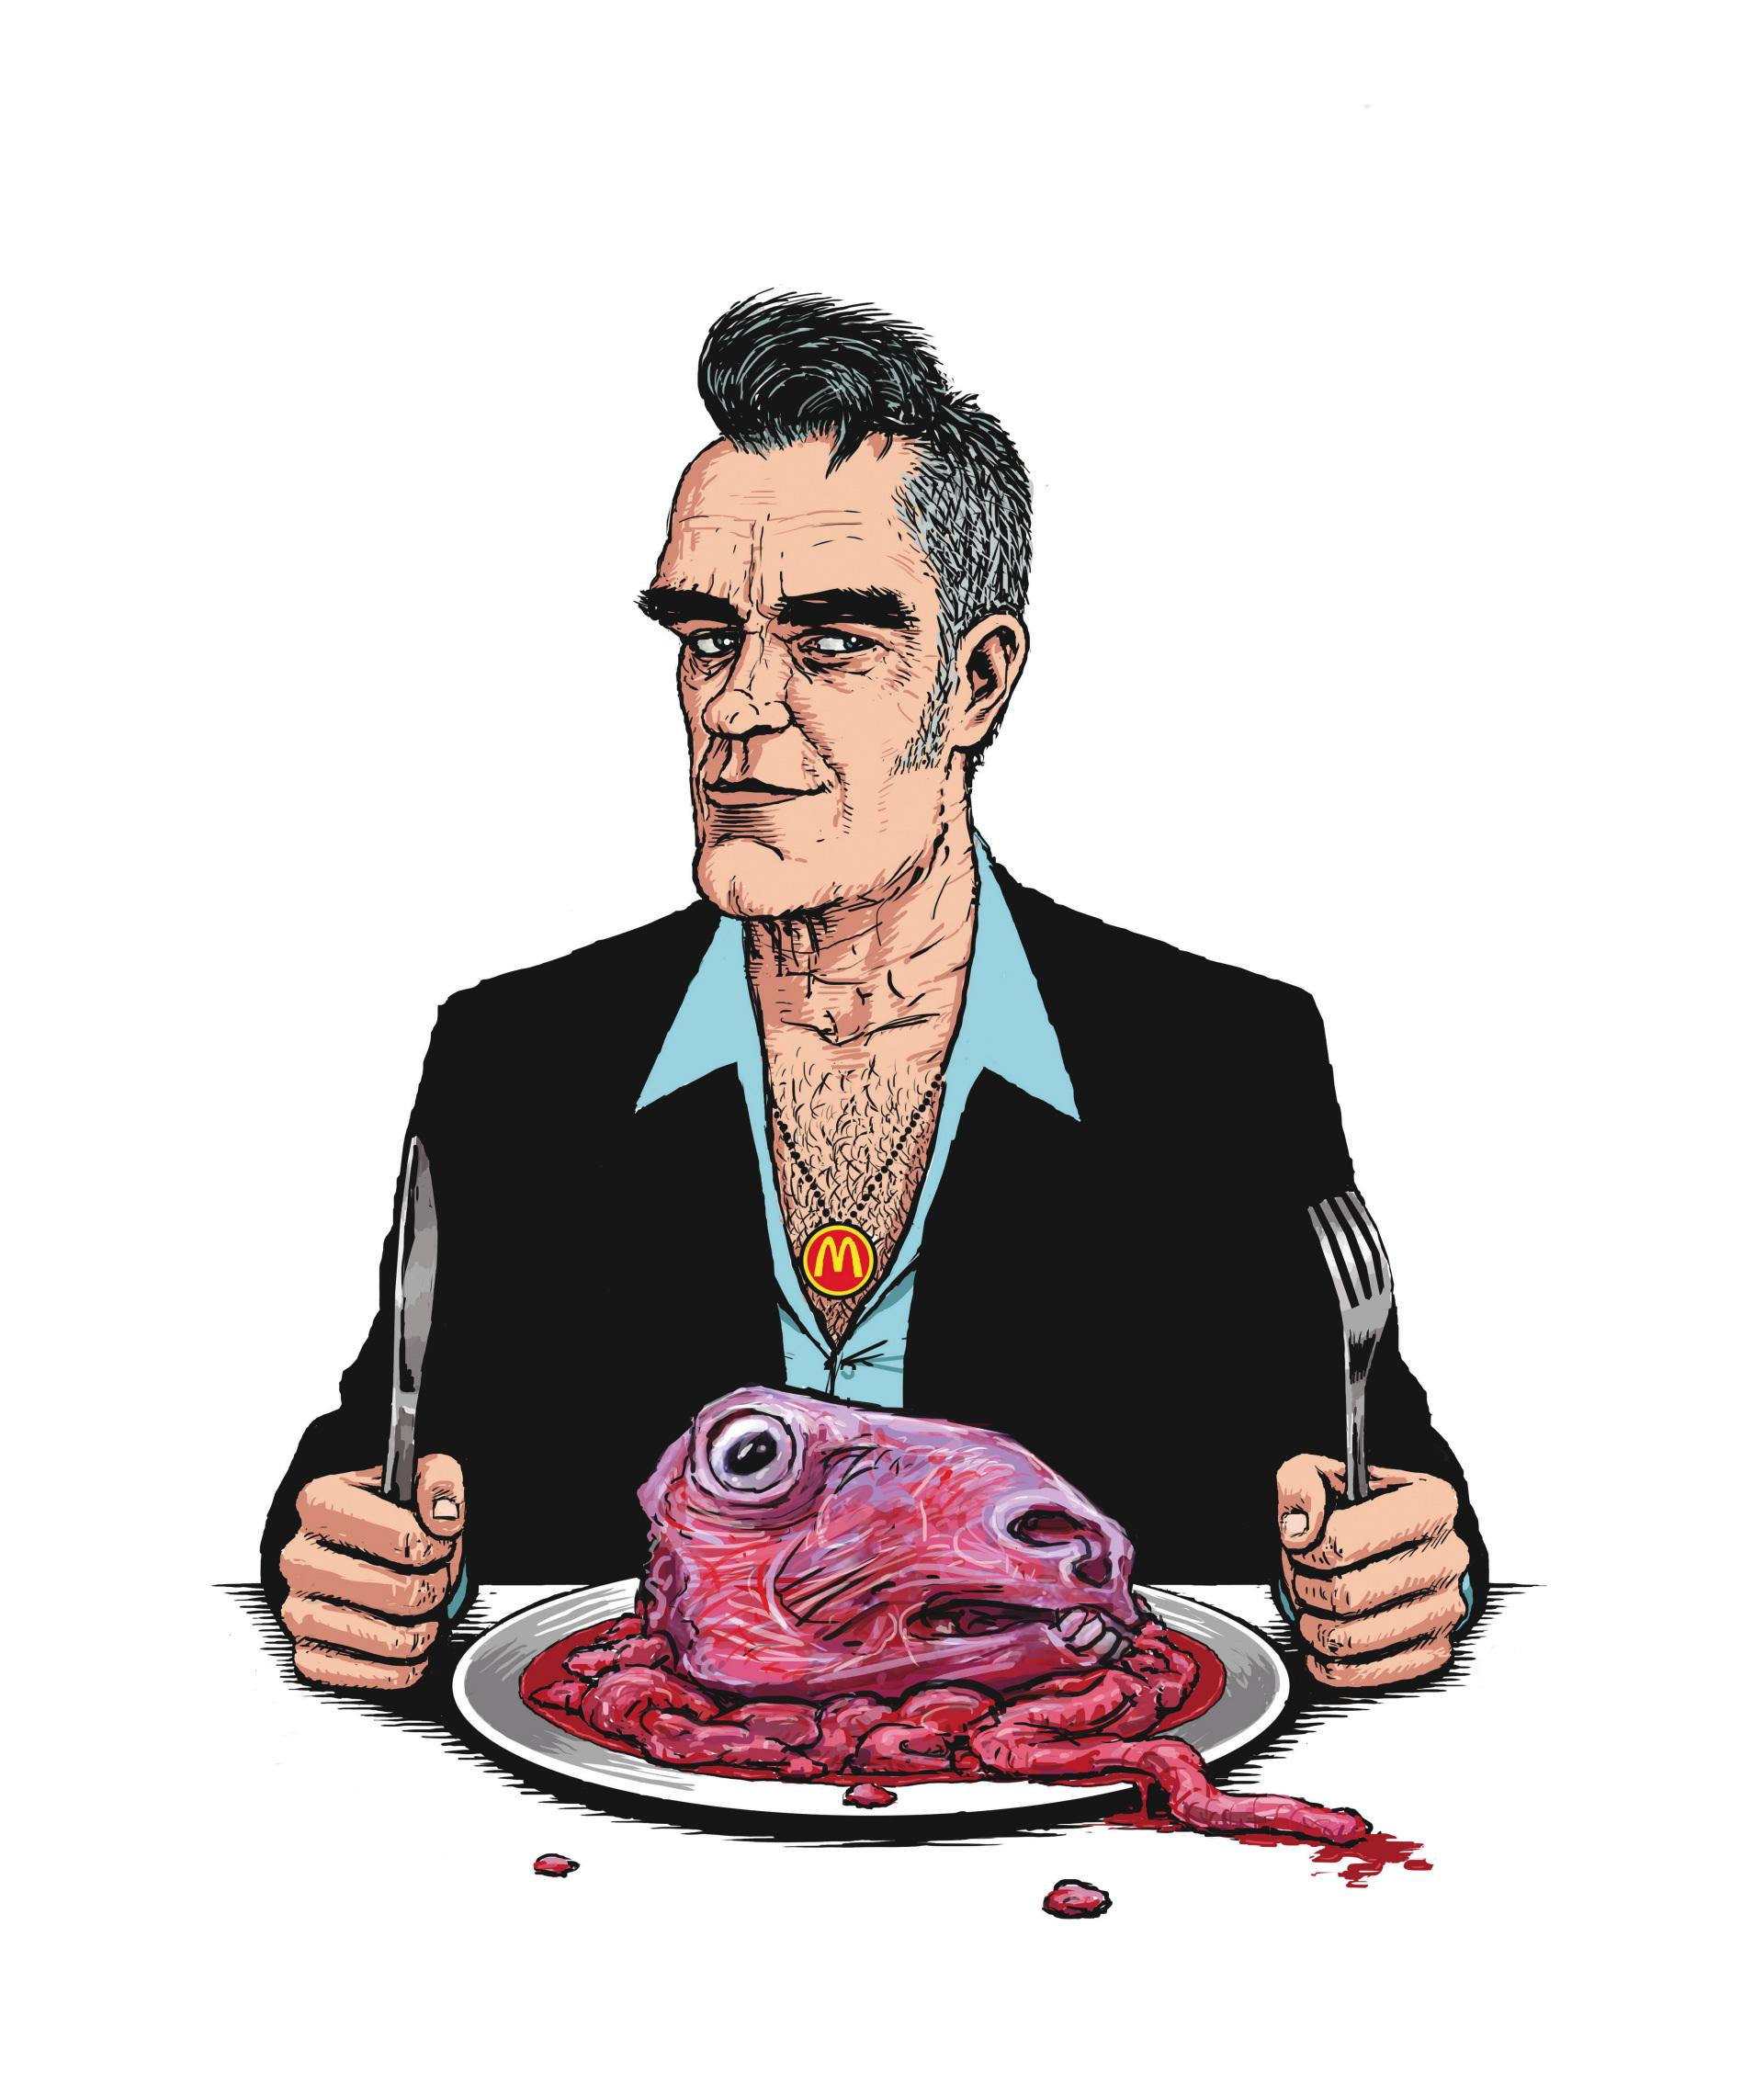 Morrissey dinner time.jpg